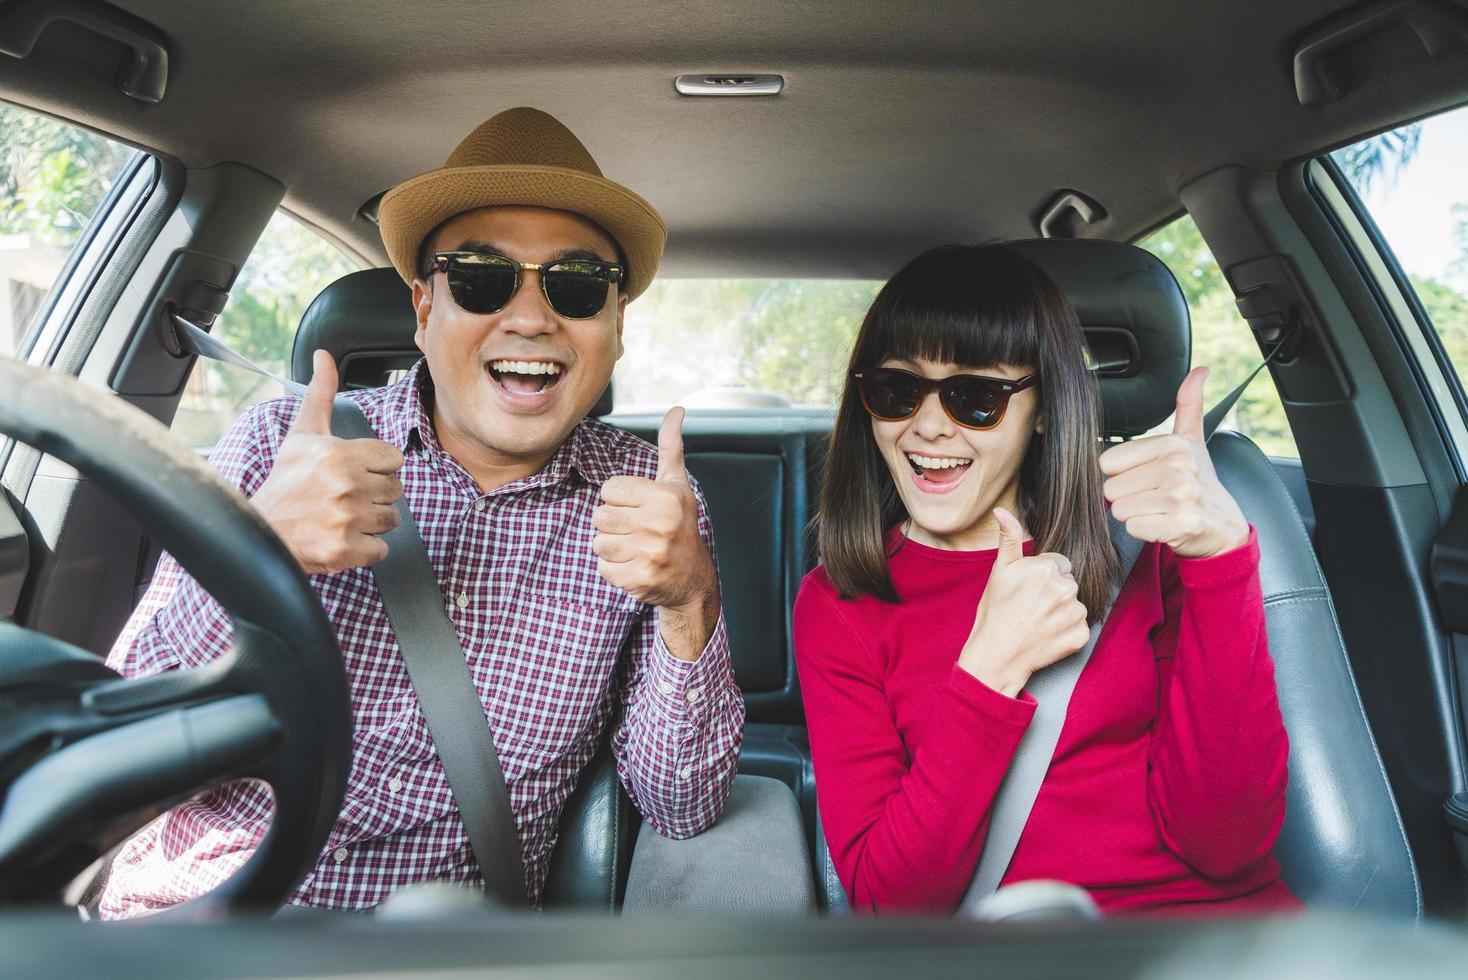 homme et femme abandonnent les pouces en voiture photo